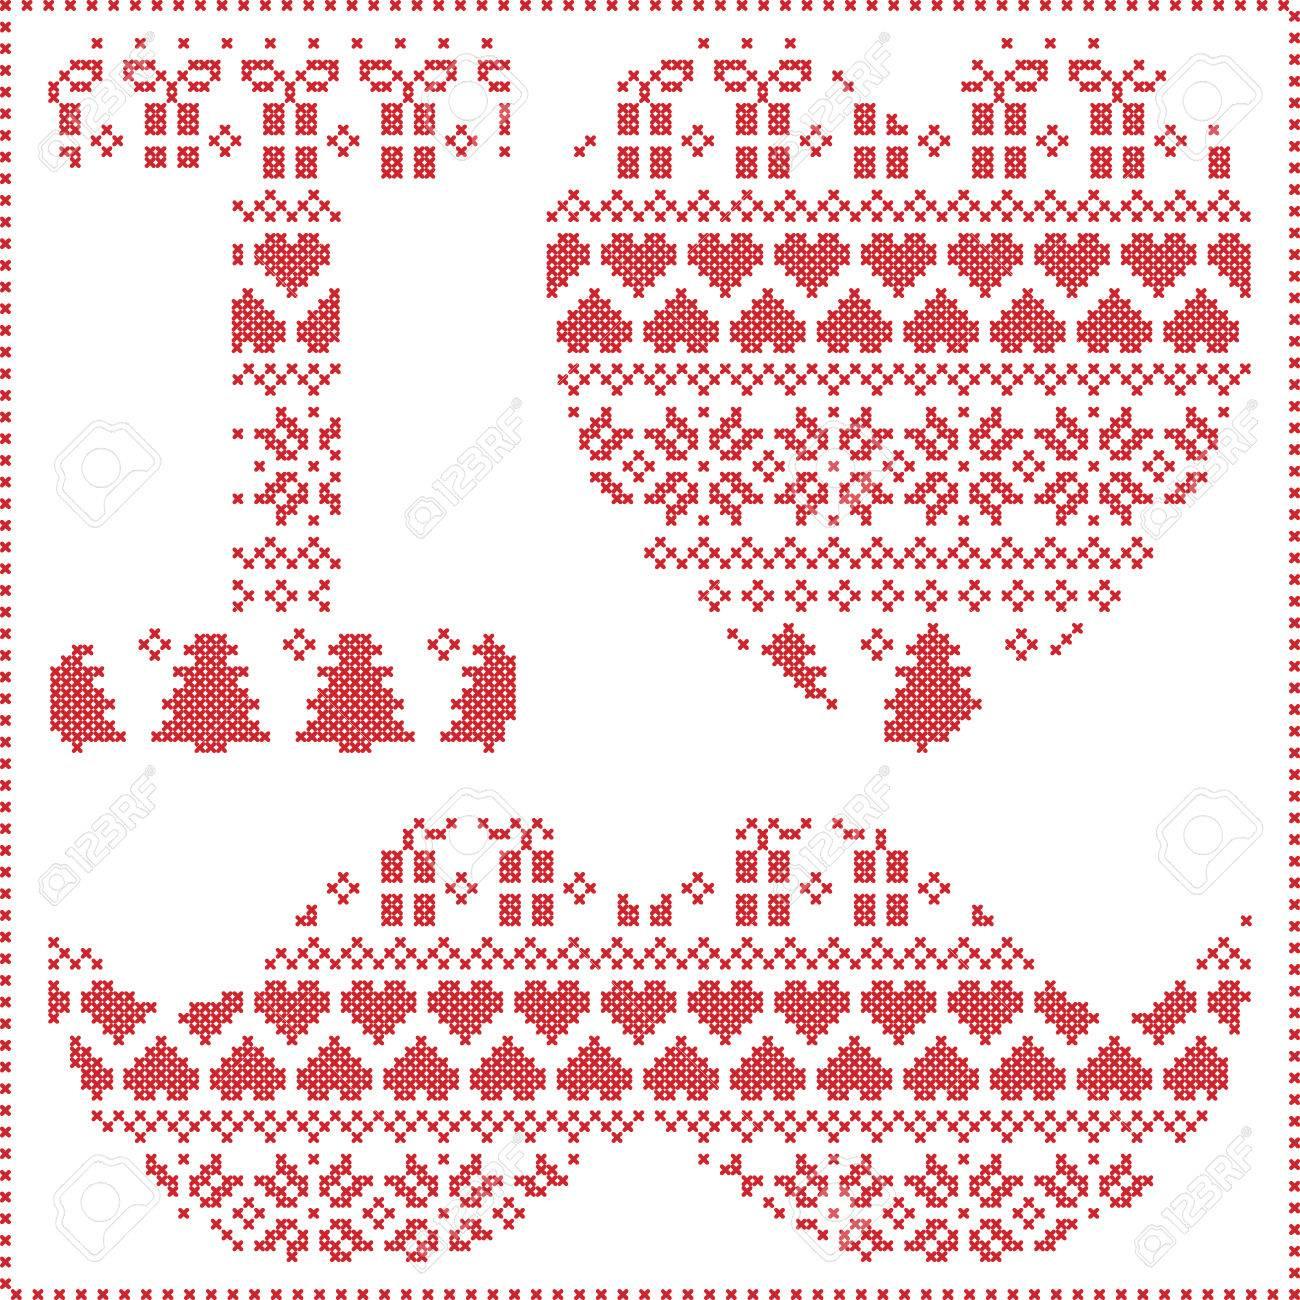 Fine Nähen Herzen Muster Images - Decke Stricken Muster ...